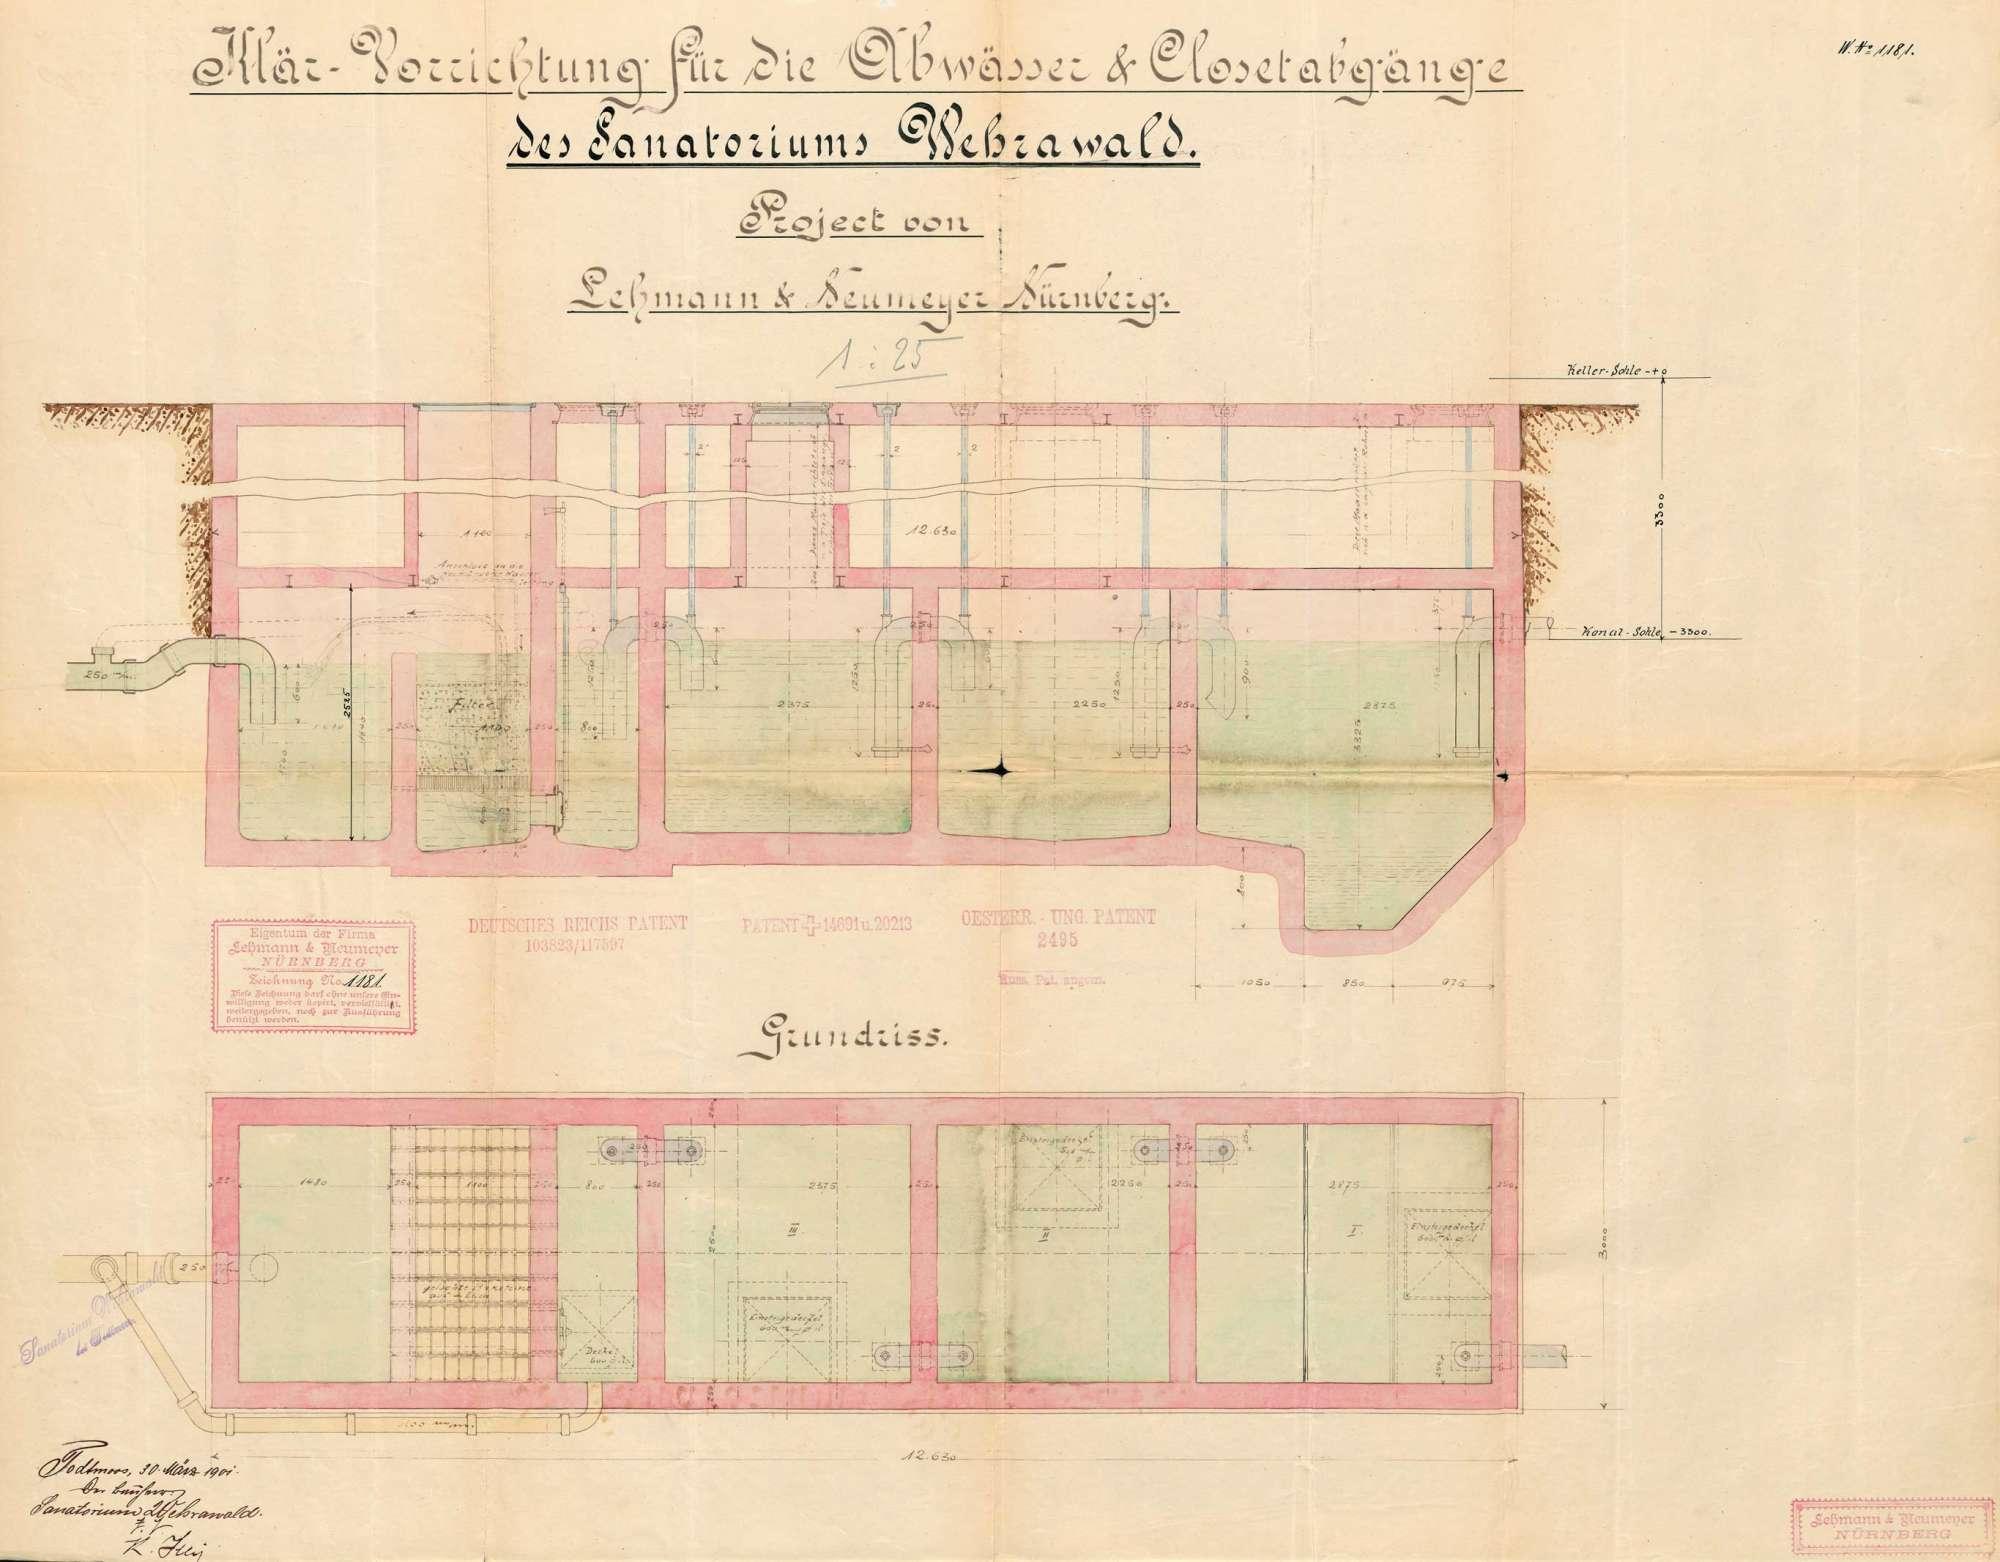 Pläne des Sanatoriums Wehrawald in St. Blasien zur Errichtung einer Kläranlage zum Betrieb einer Lungenheilanstalt in Todtmoos, Bild 3